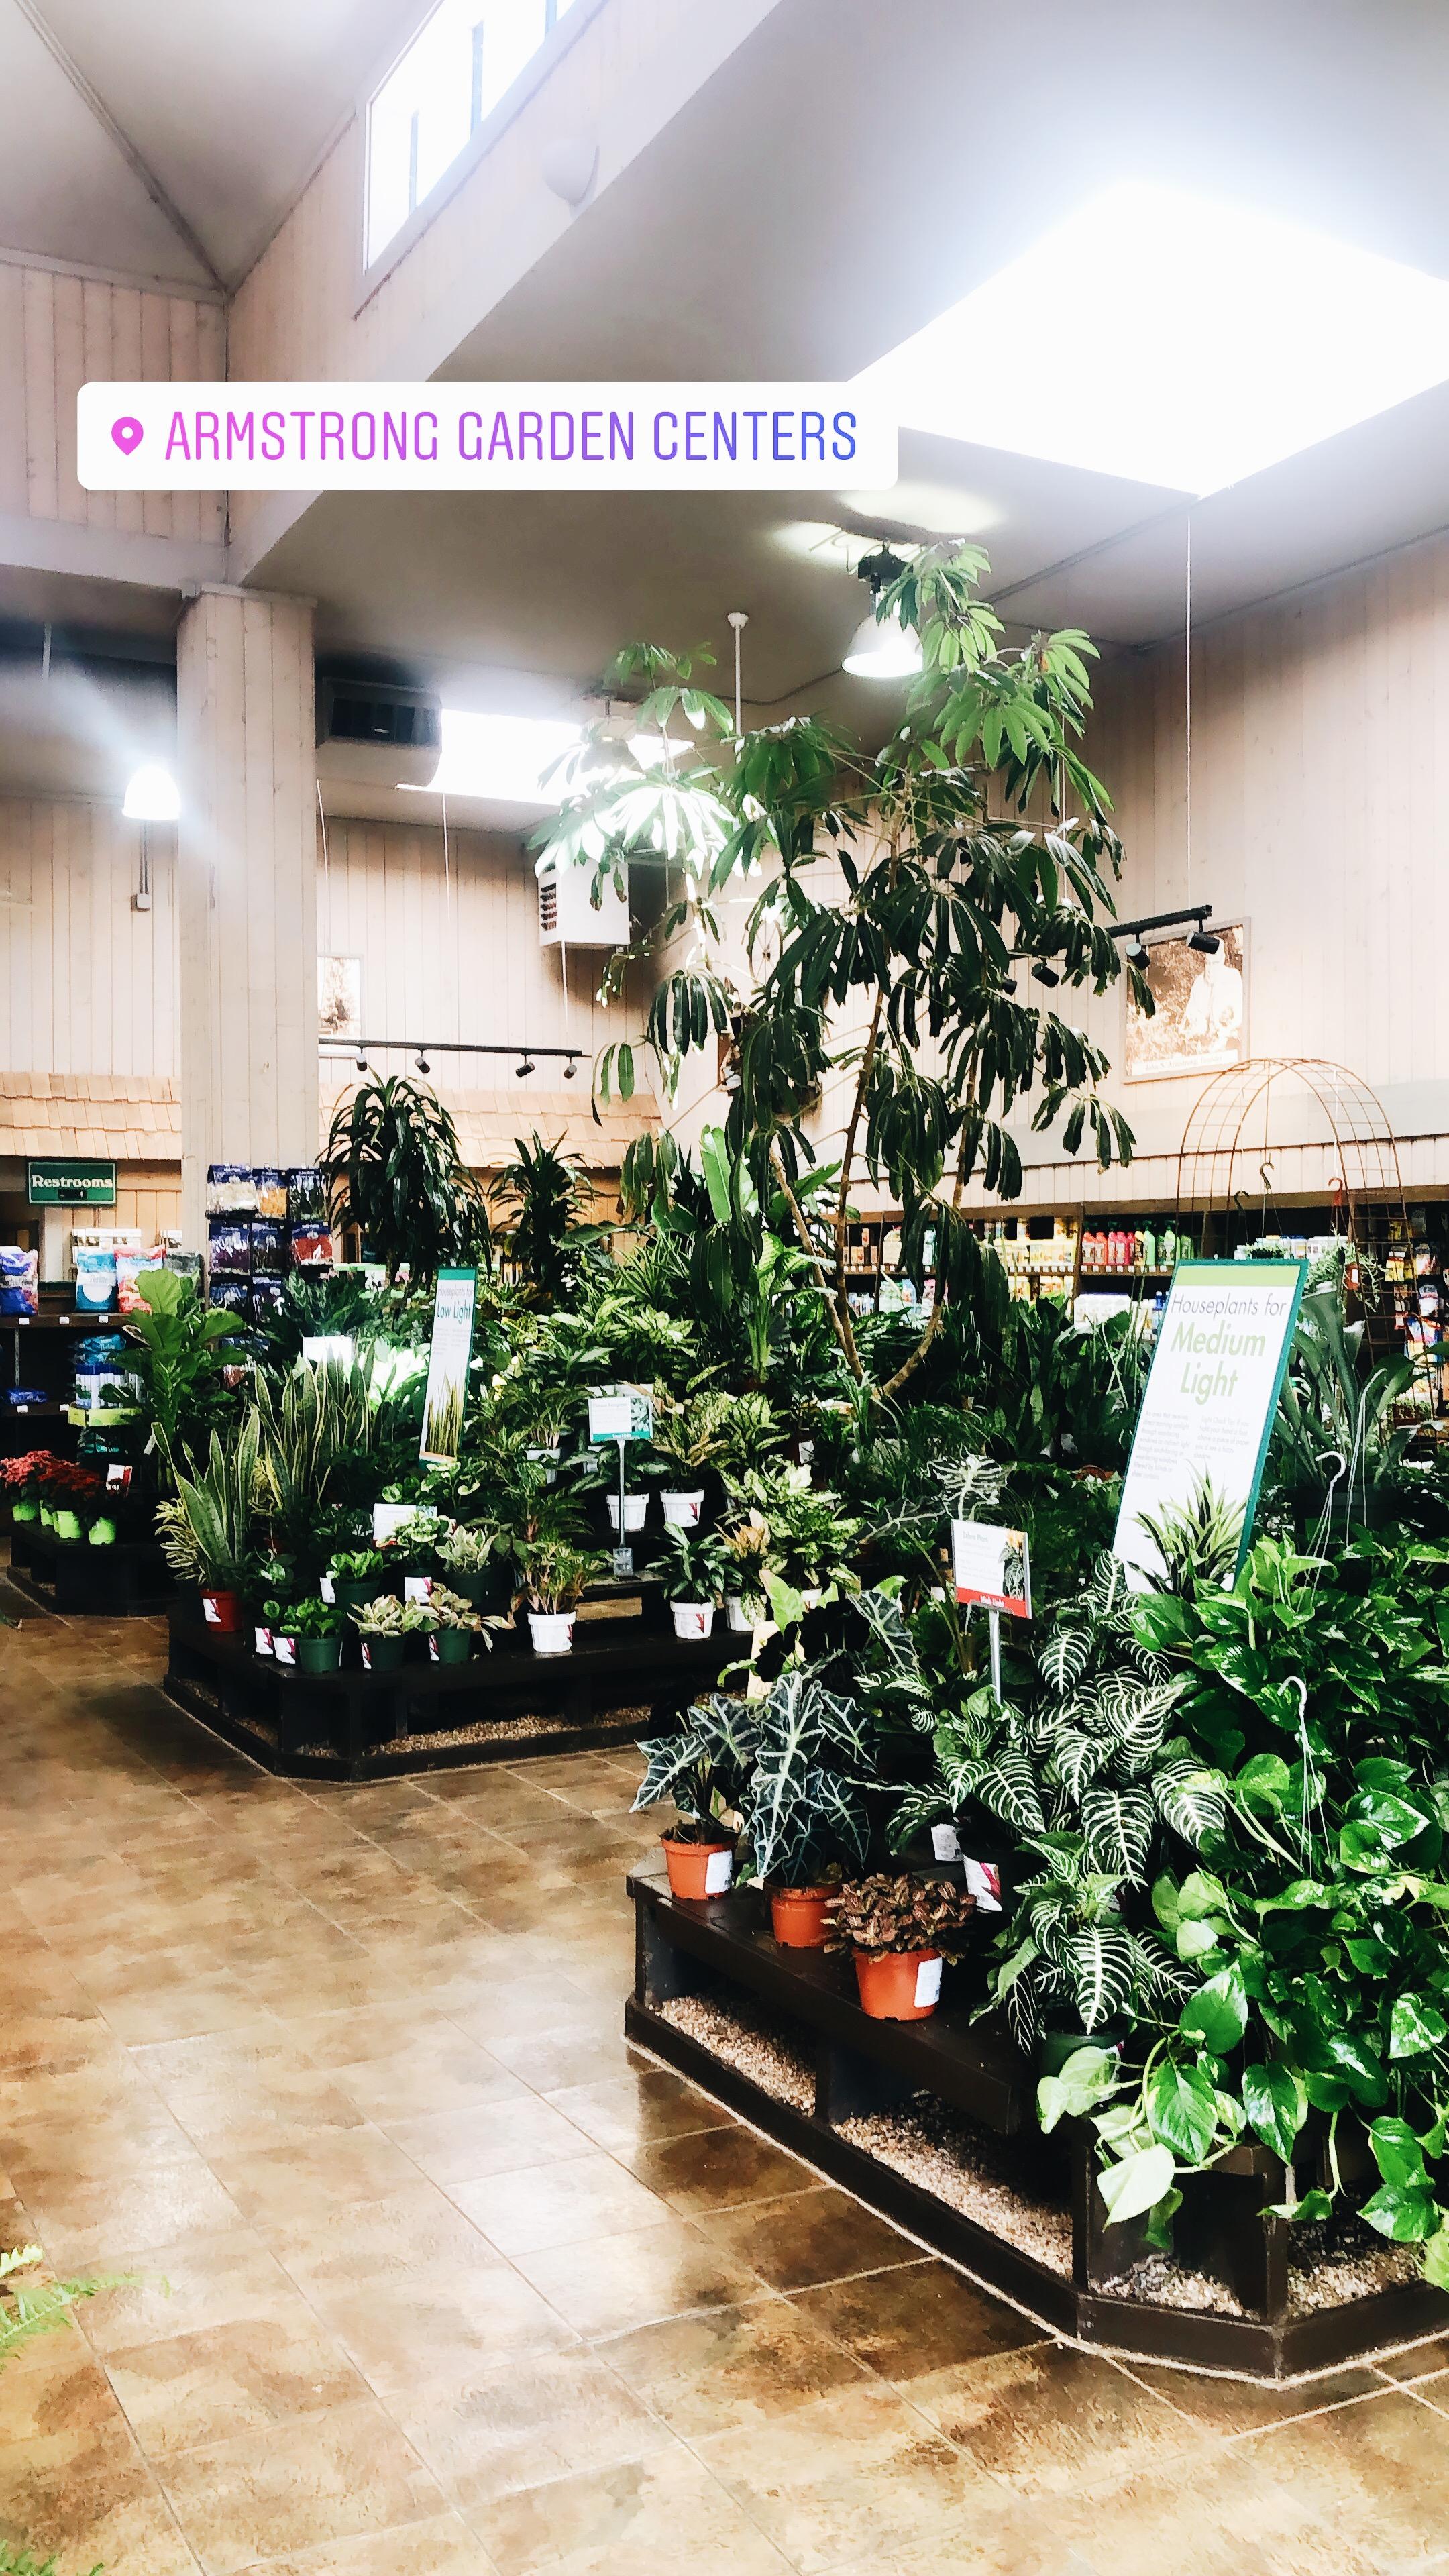 armstrong garden center.JPG